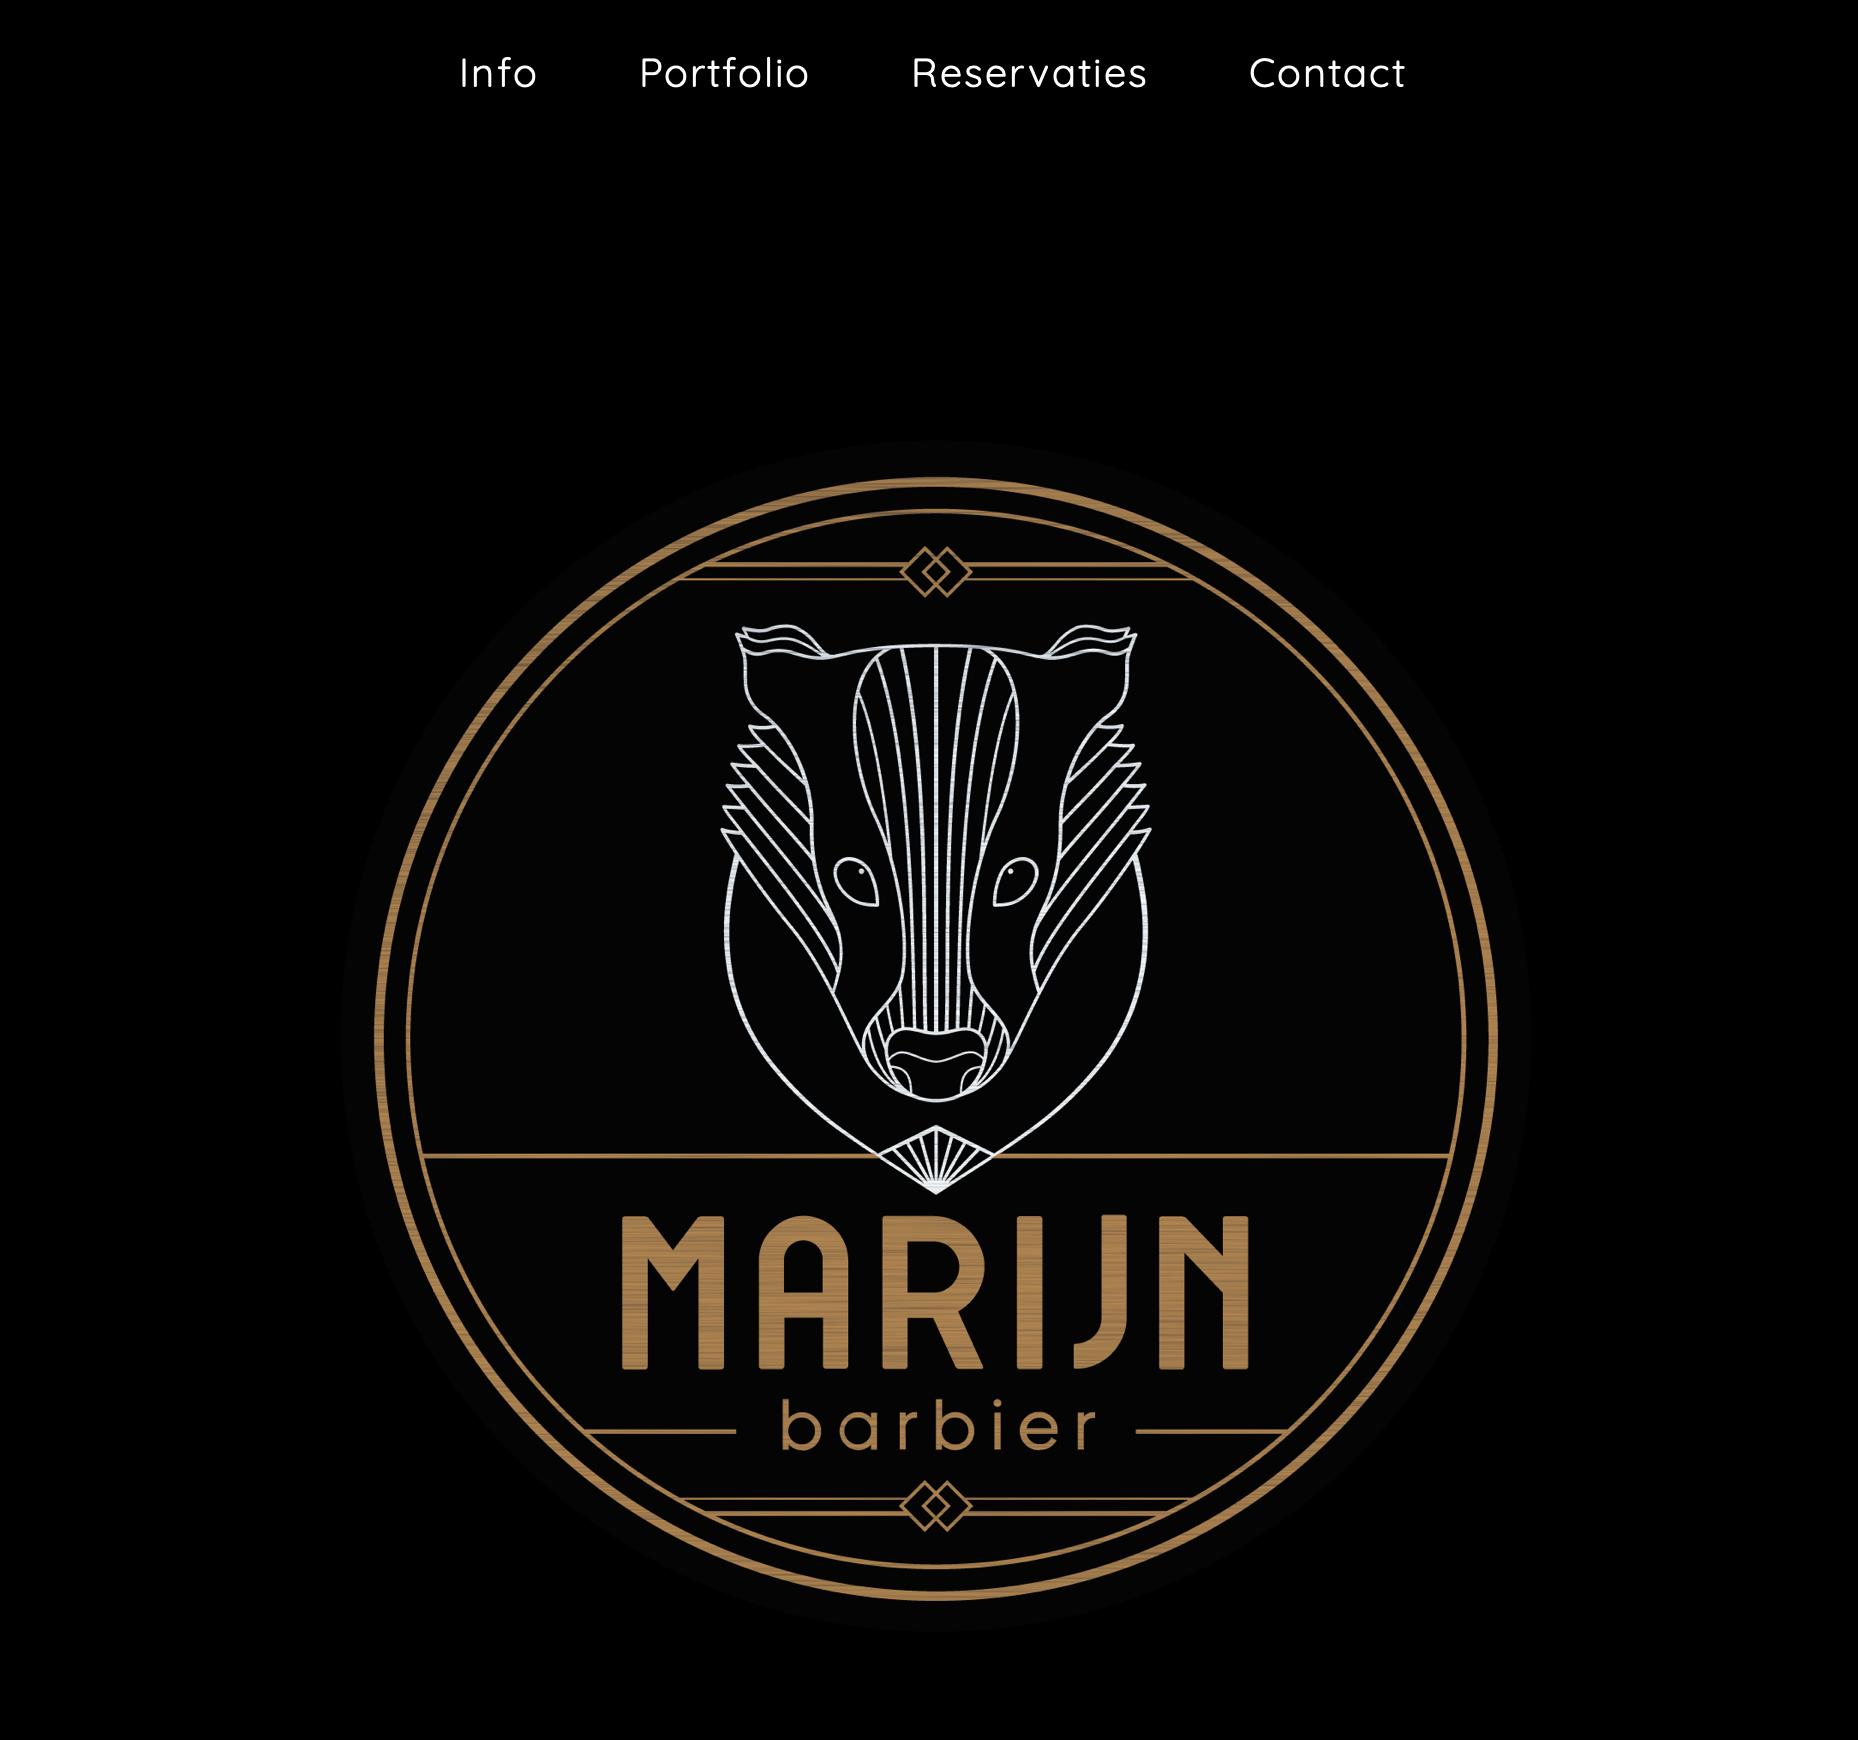 Marijn-barbier-website